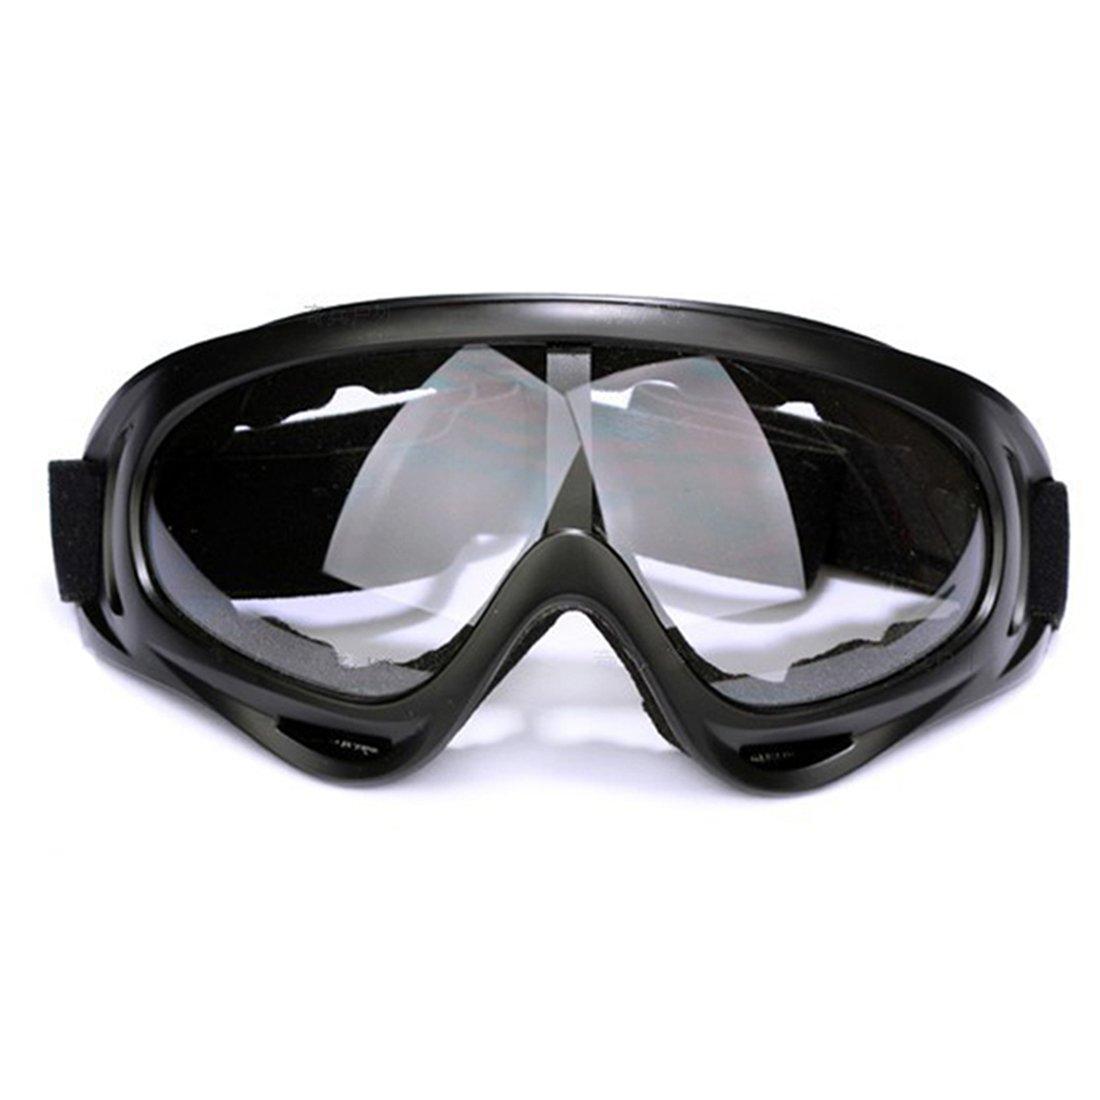 lommer 2/pieza par de gafas protecci/ón para proteger los ojos Gafas de protecci/ón Goggles vasos Glasses para Nerf CS paintball Juegos Gafas de seguridad para Nerf